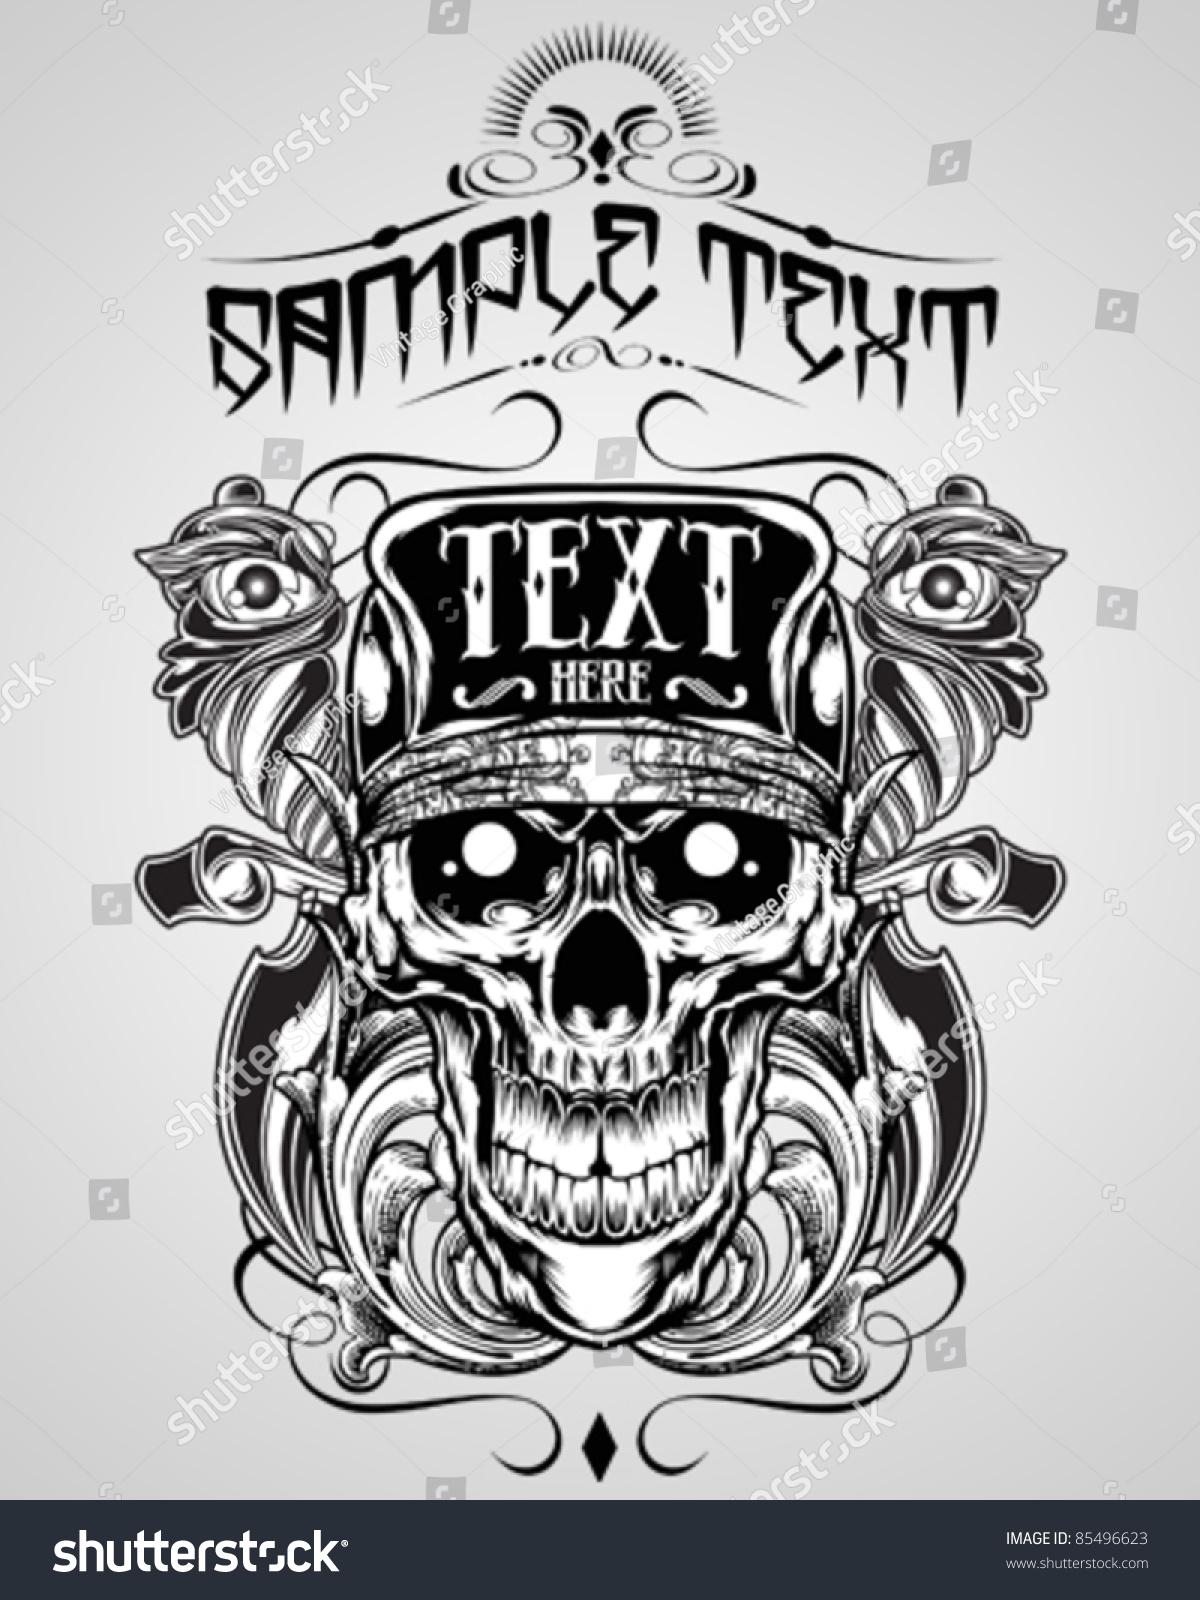 Design t shirt vector - Vector Illustration Skull T Shirt Design Logos